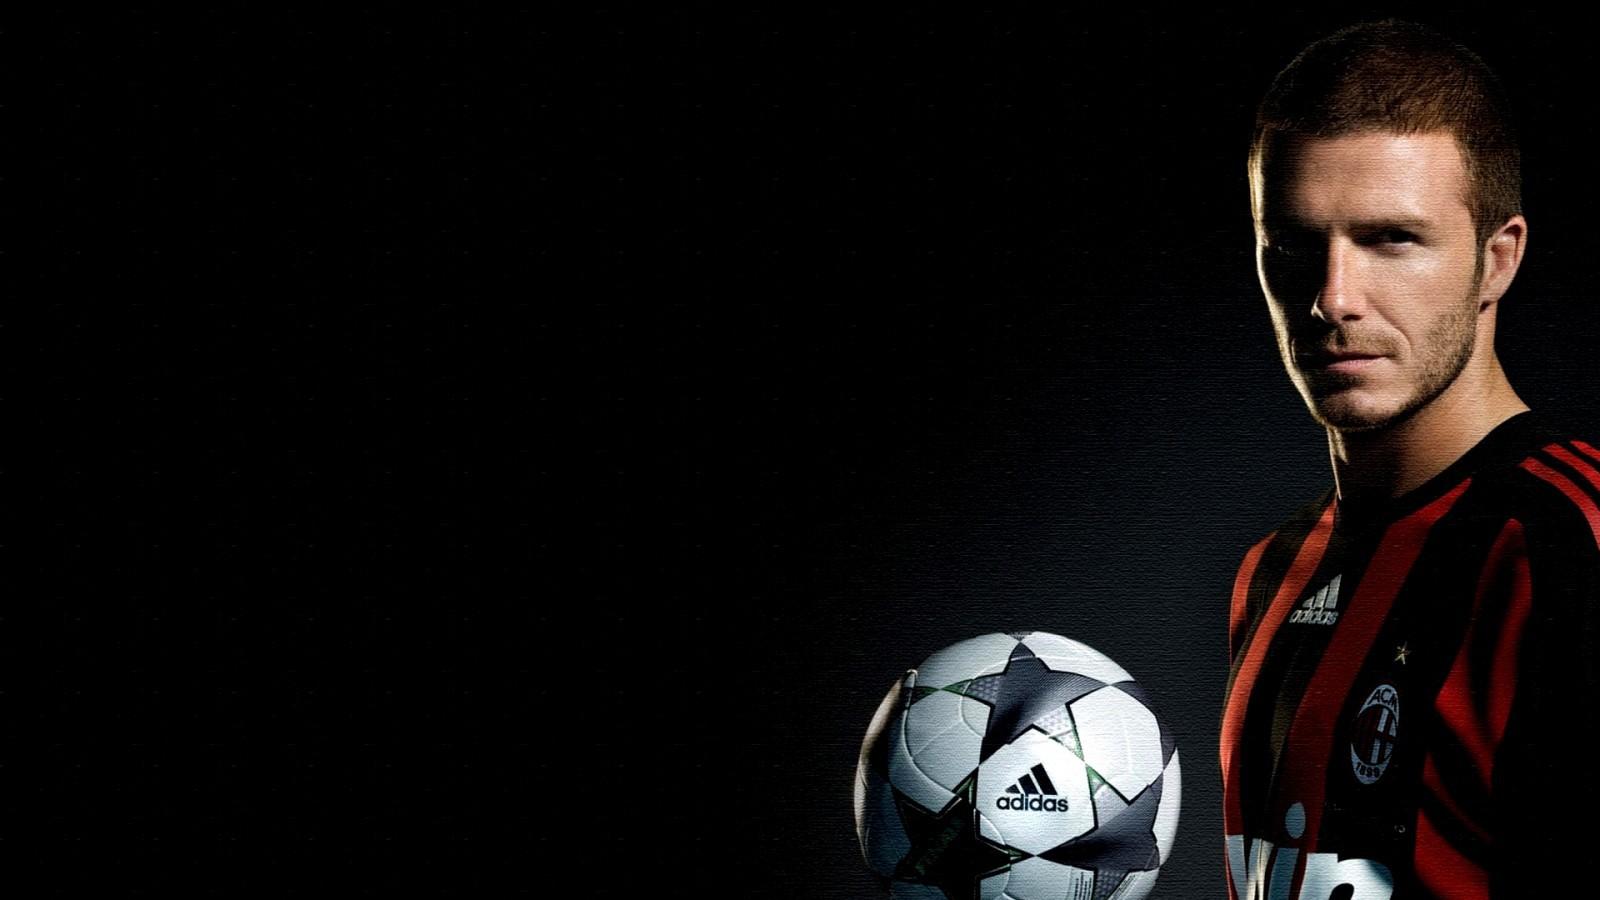 David Beckham HD Wallpaper